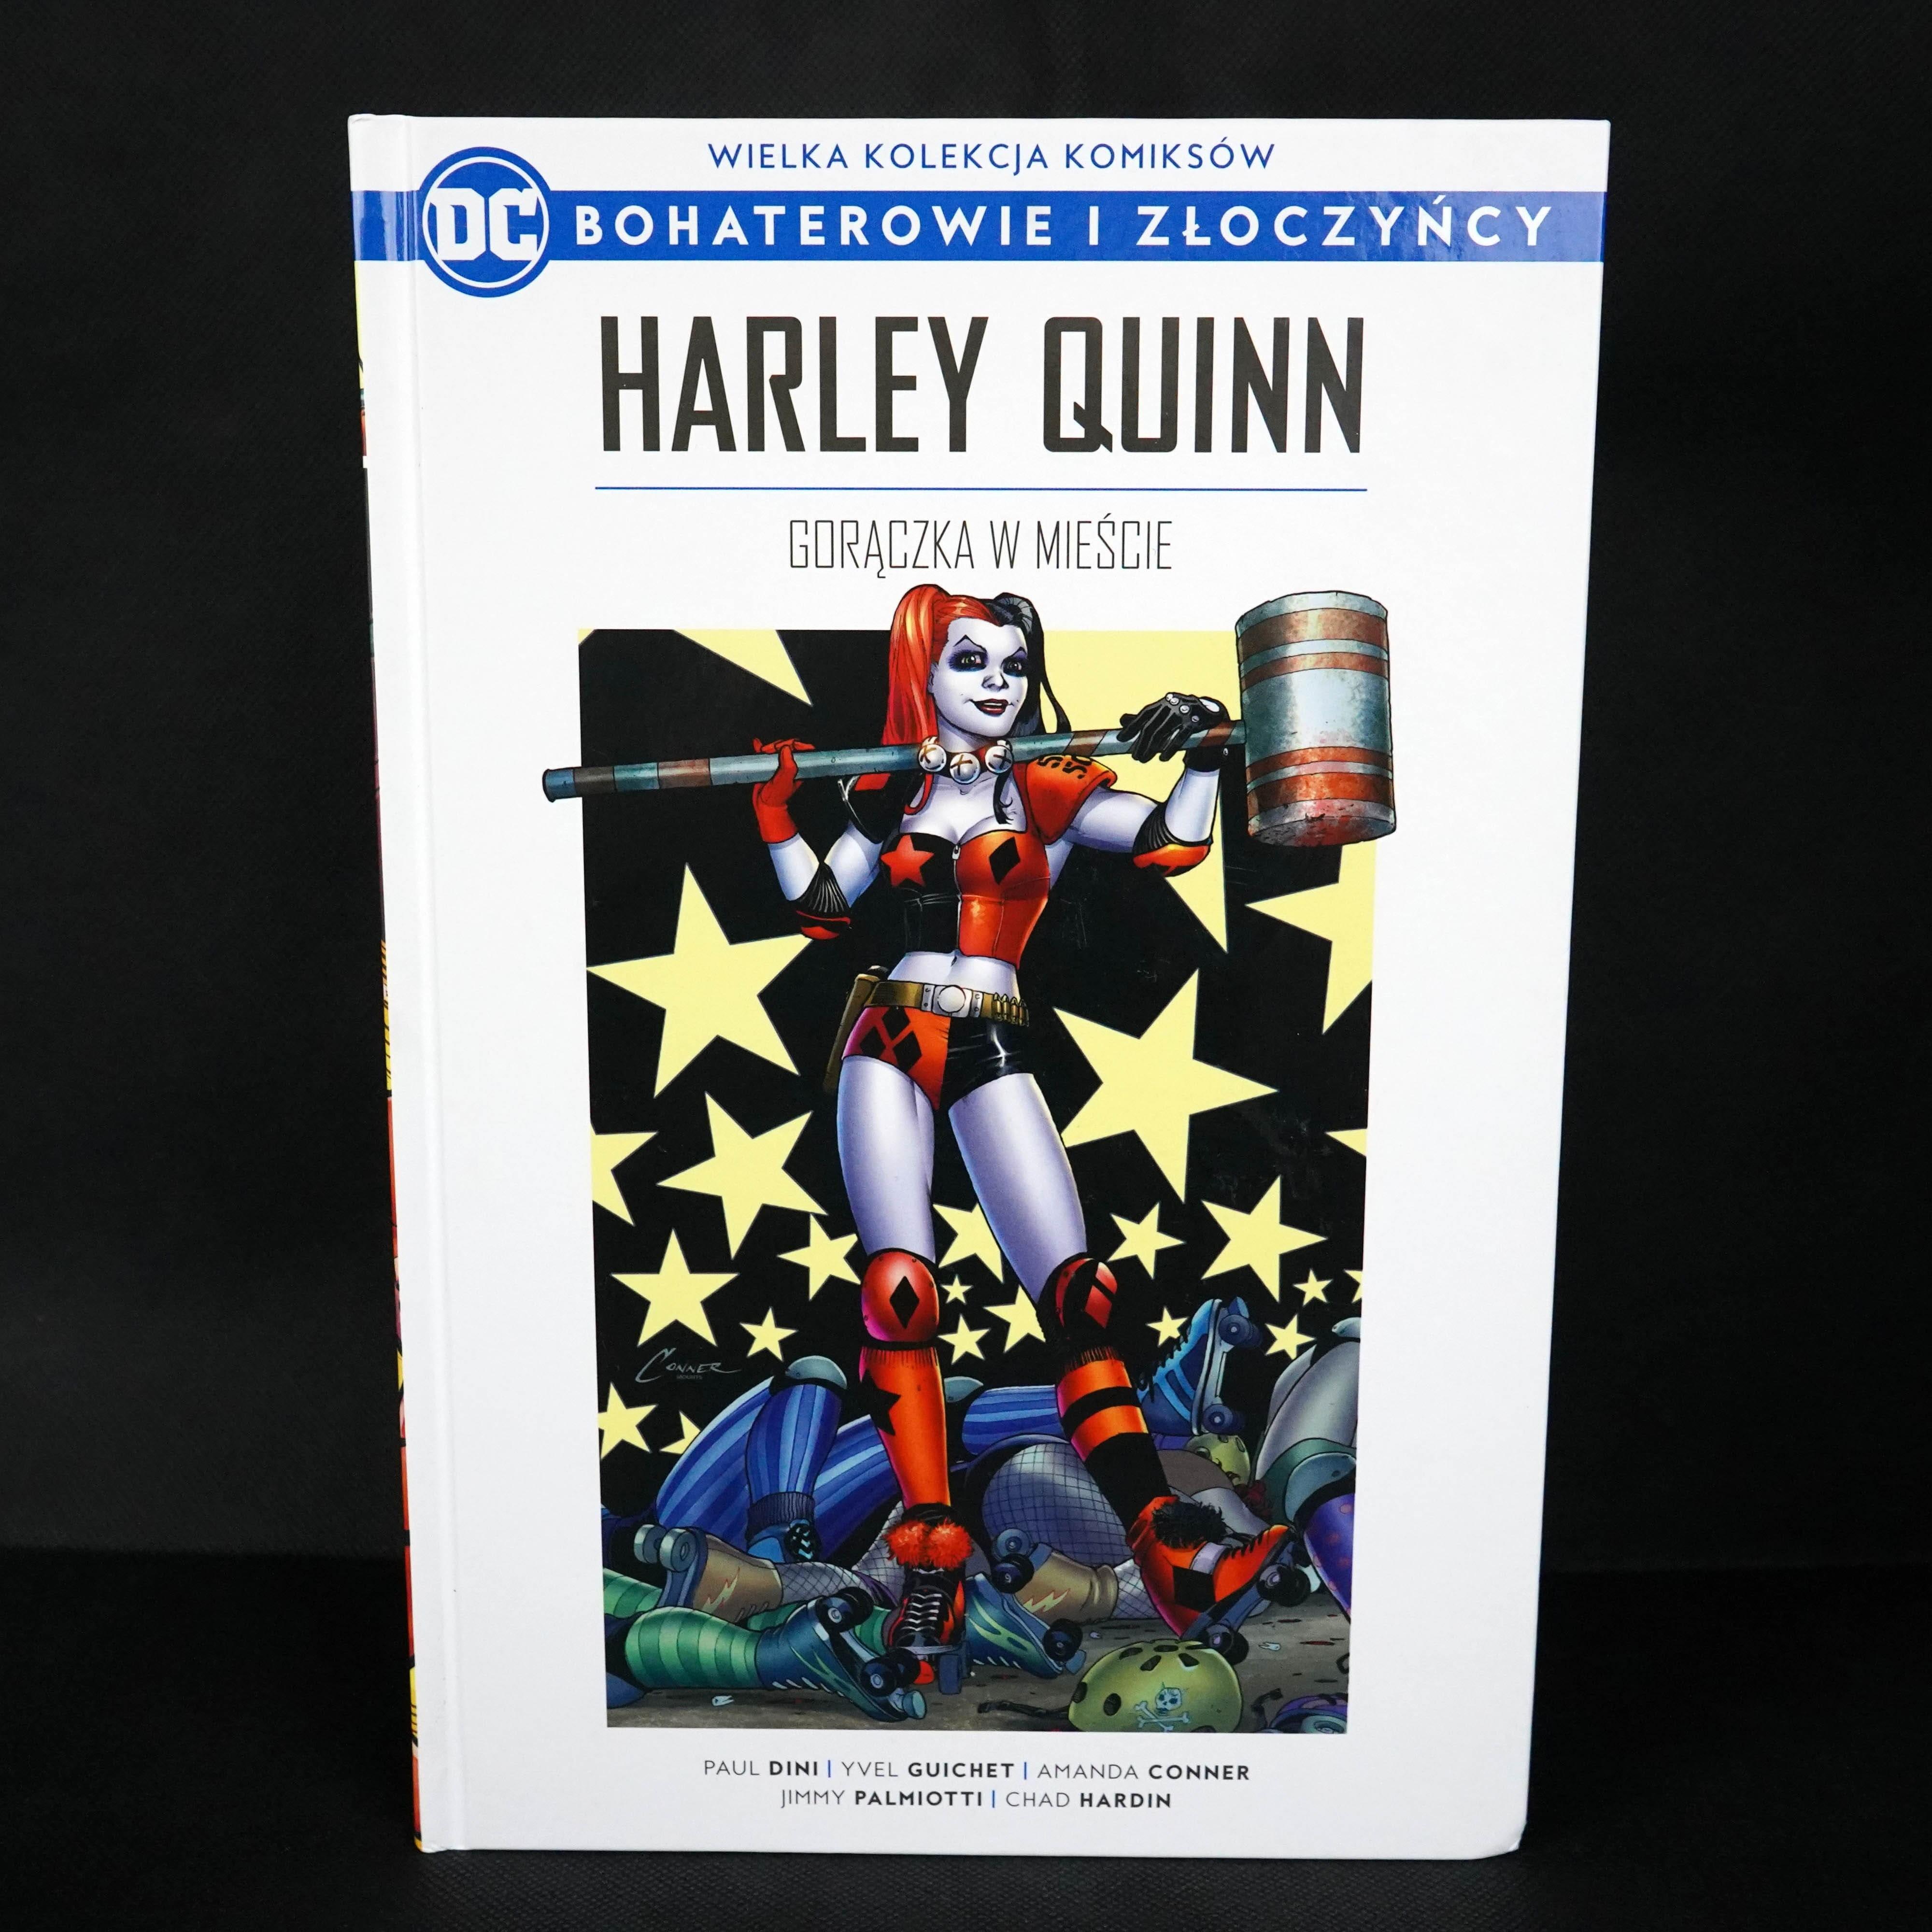 bohaterowie i złoczyncy tom 2 harley quinn-min(1).jpg